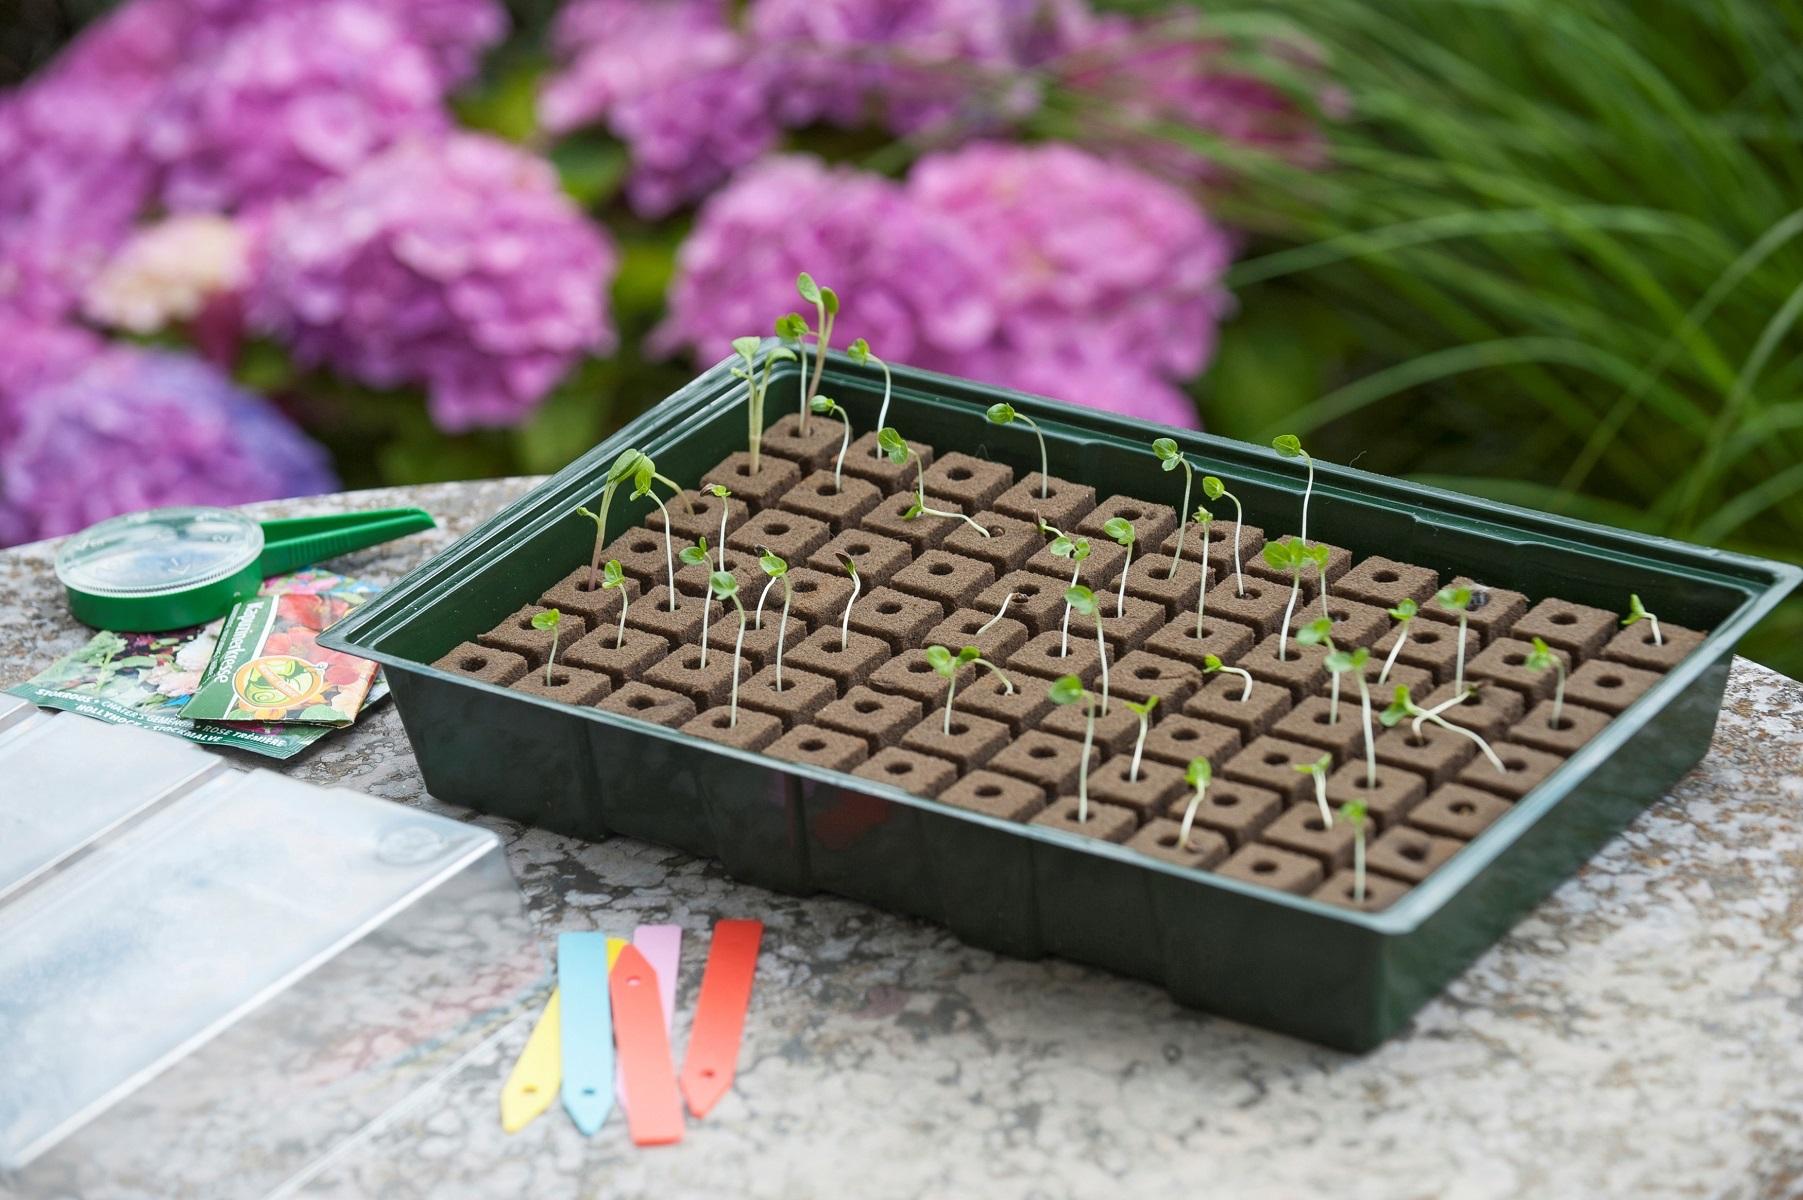 Kruidentuin zelf kweken. Kweekbak hydrocultuur #kweekbak #kruidentuin #tuin #tuinidee